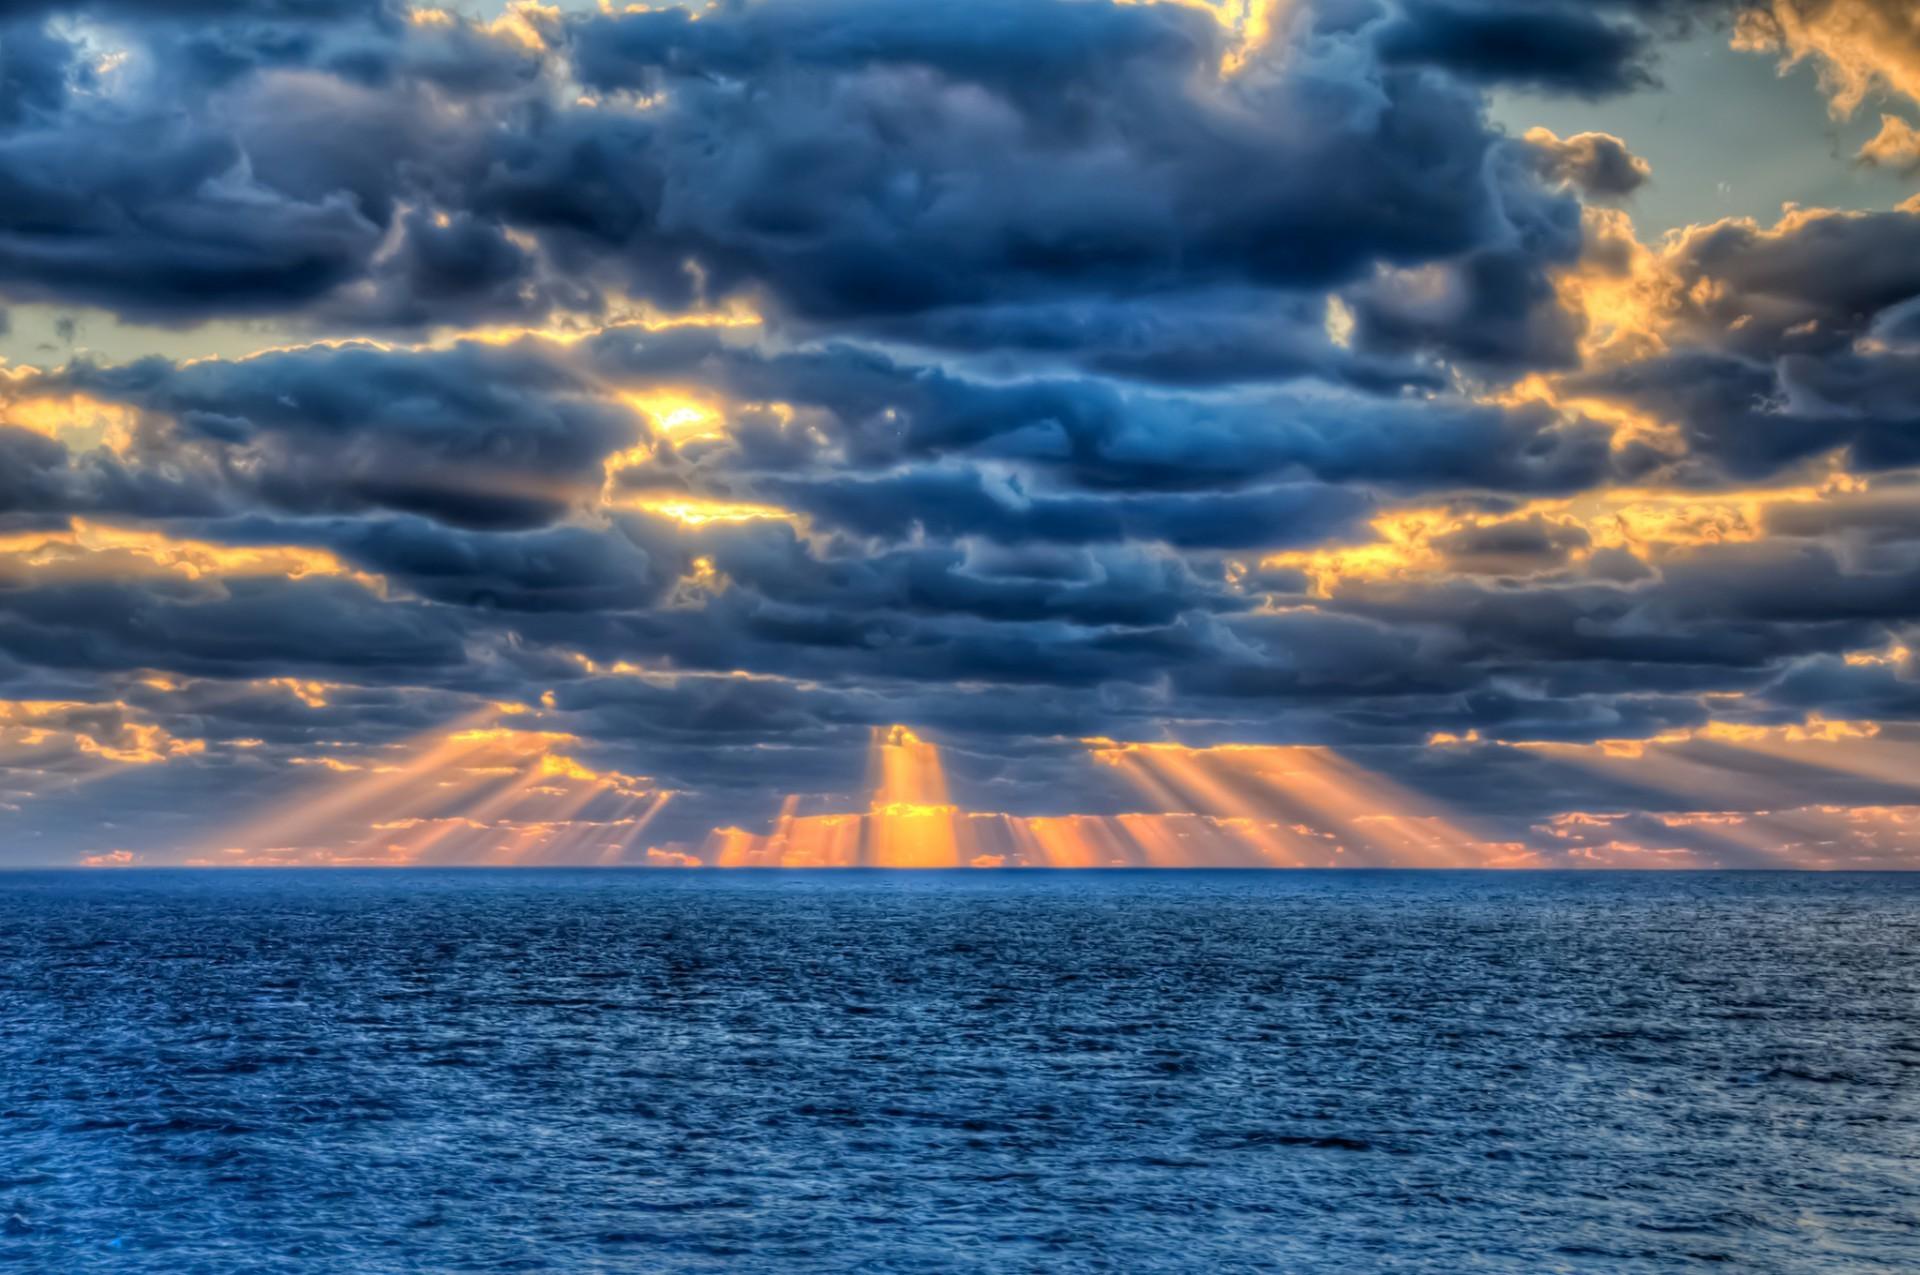 Лучи солнца пробиваются сквозь облака